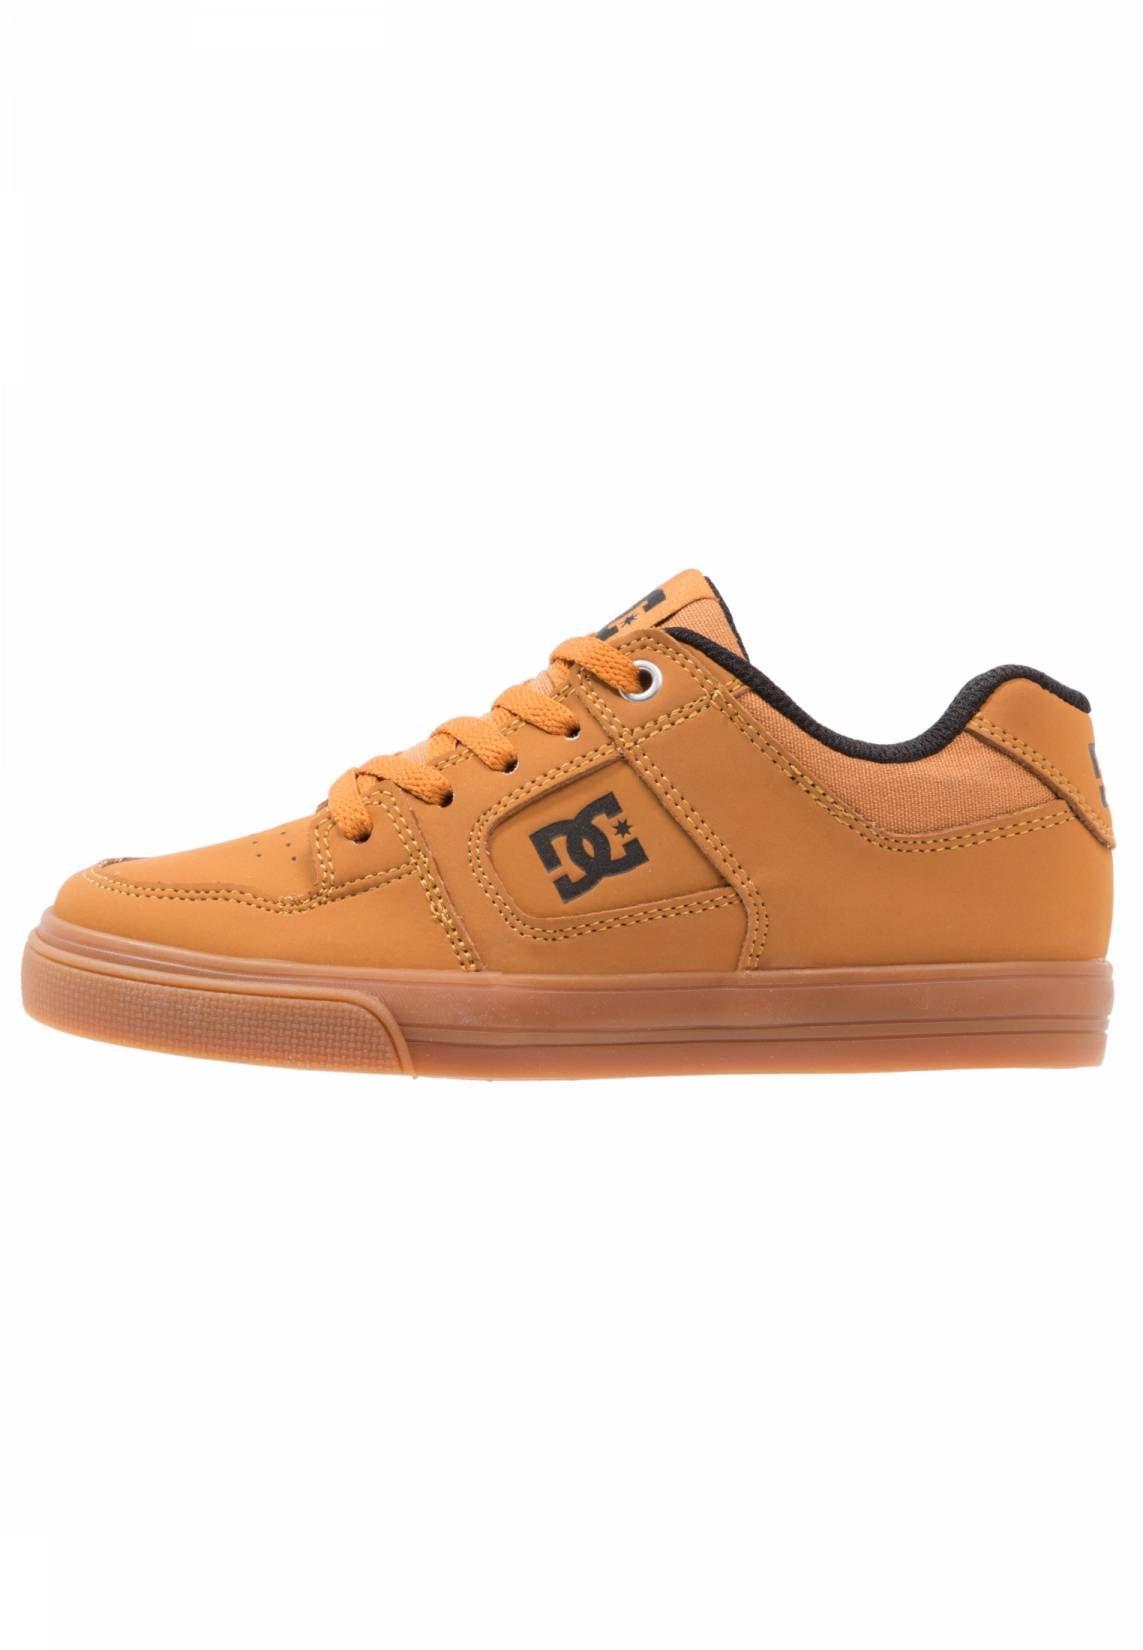 De Chaussures Shoe Wheat Skate Basket Pure 5HWcdq58BU